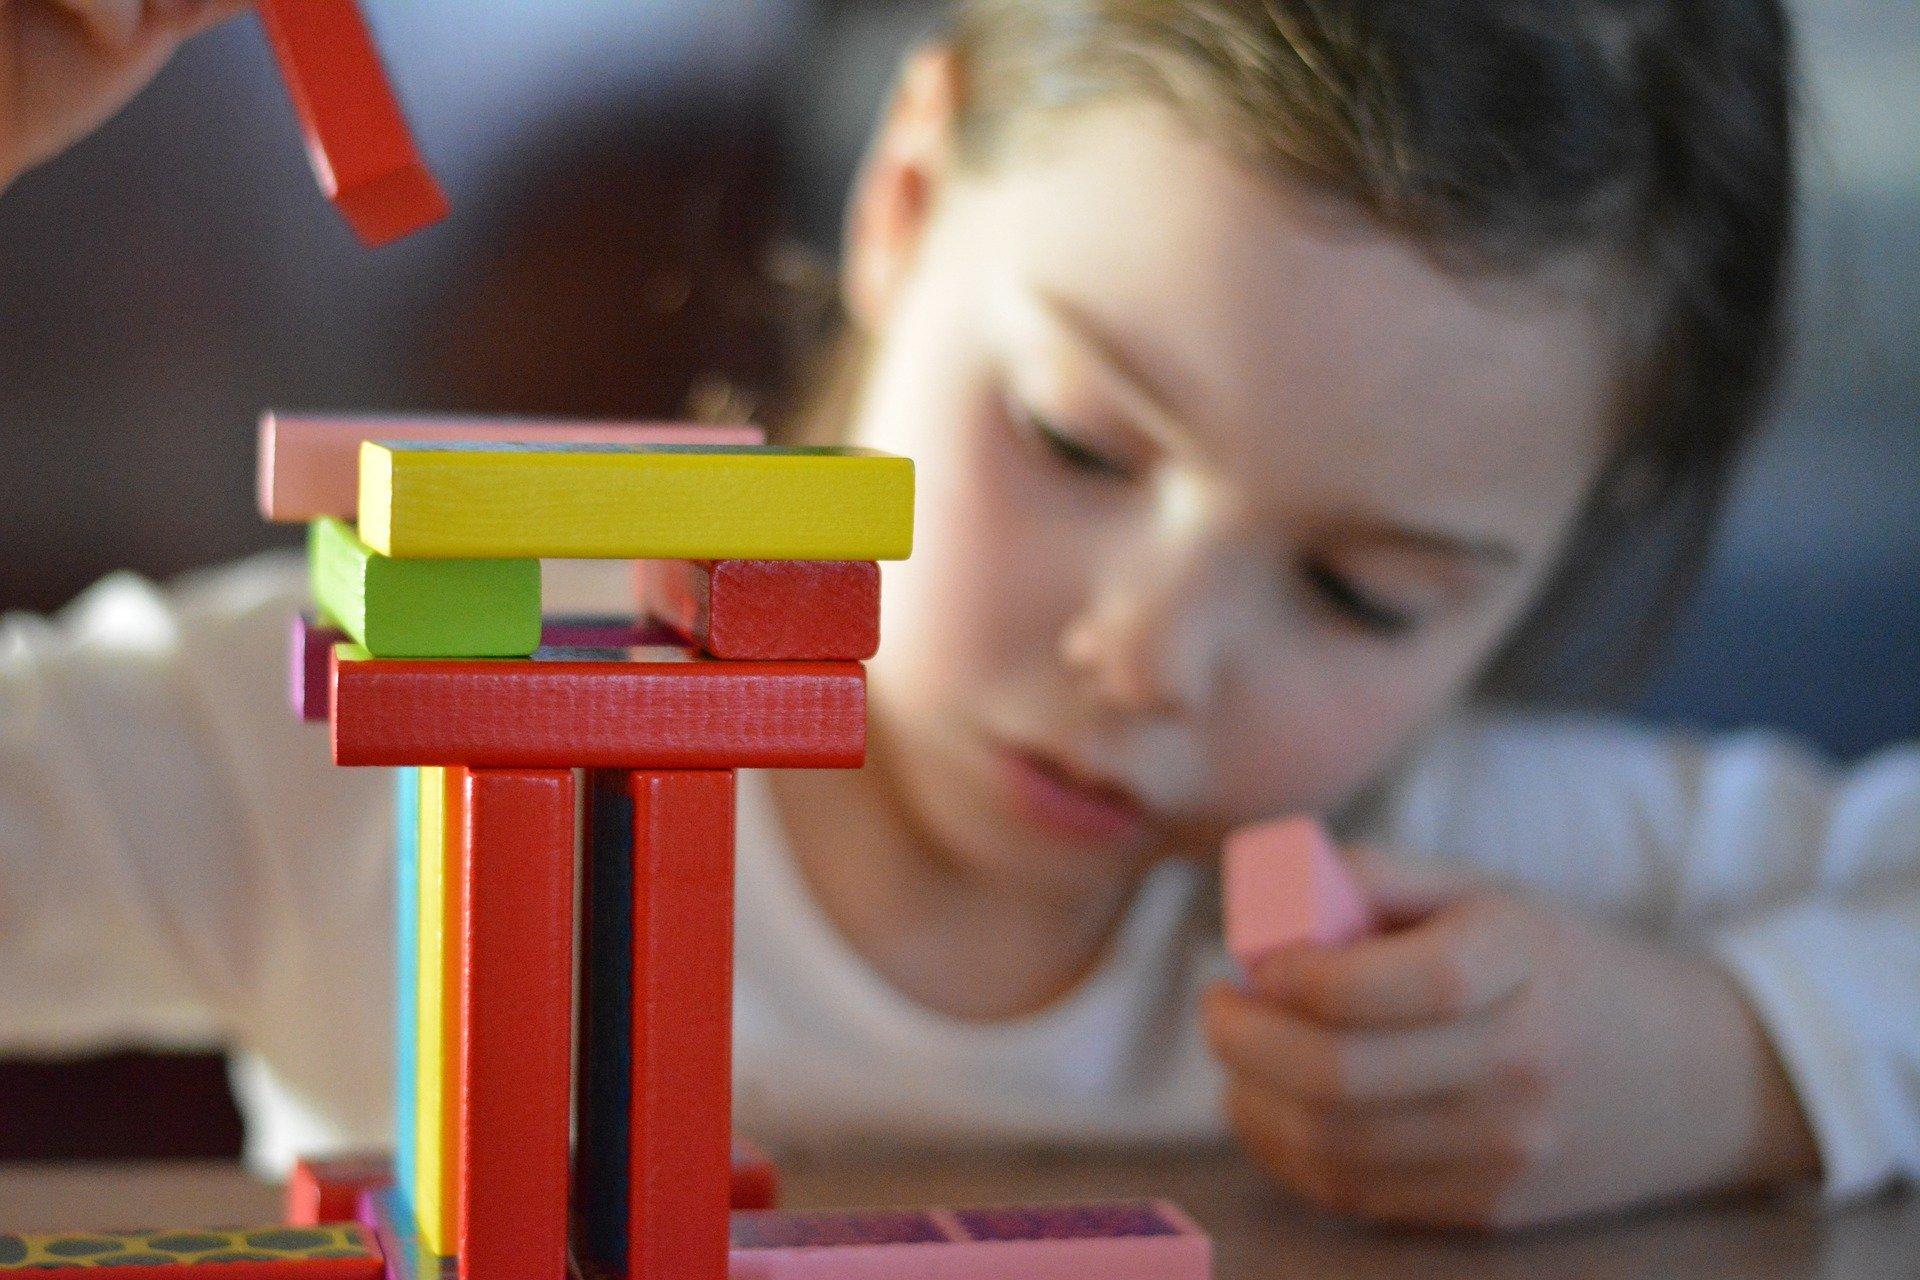 Bild Mädchen spielt mit Bausteinen, Quelle: Bild von Design_Miss_C auf Pixabay